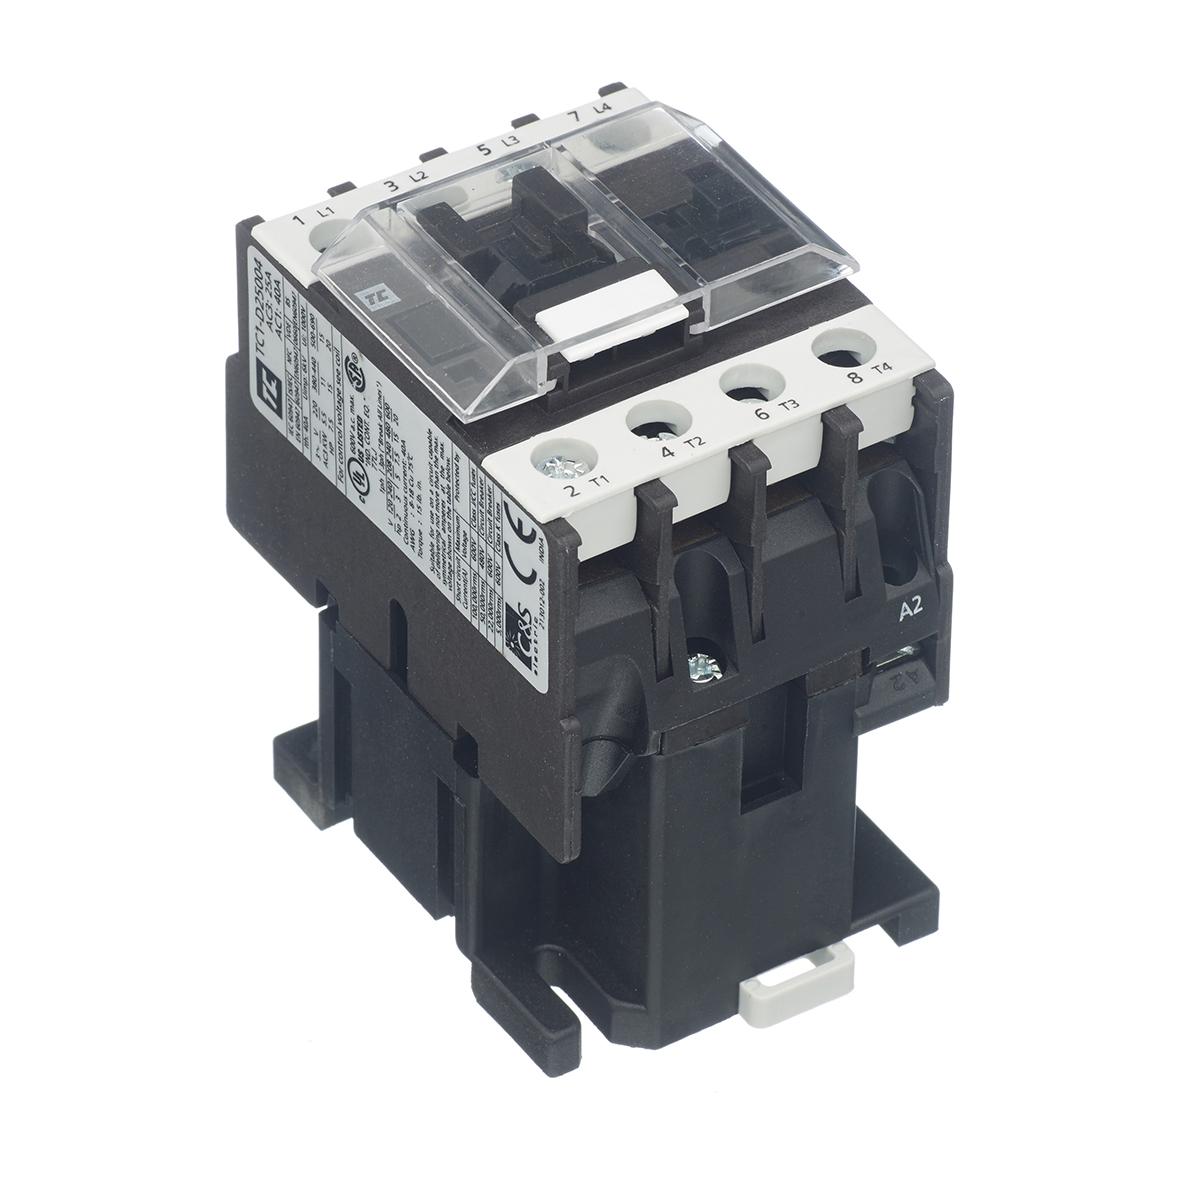 Europa TC1-D80004N7 Contactor 4P 415V